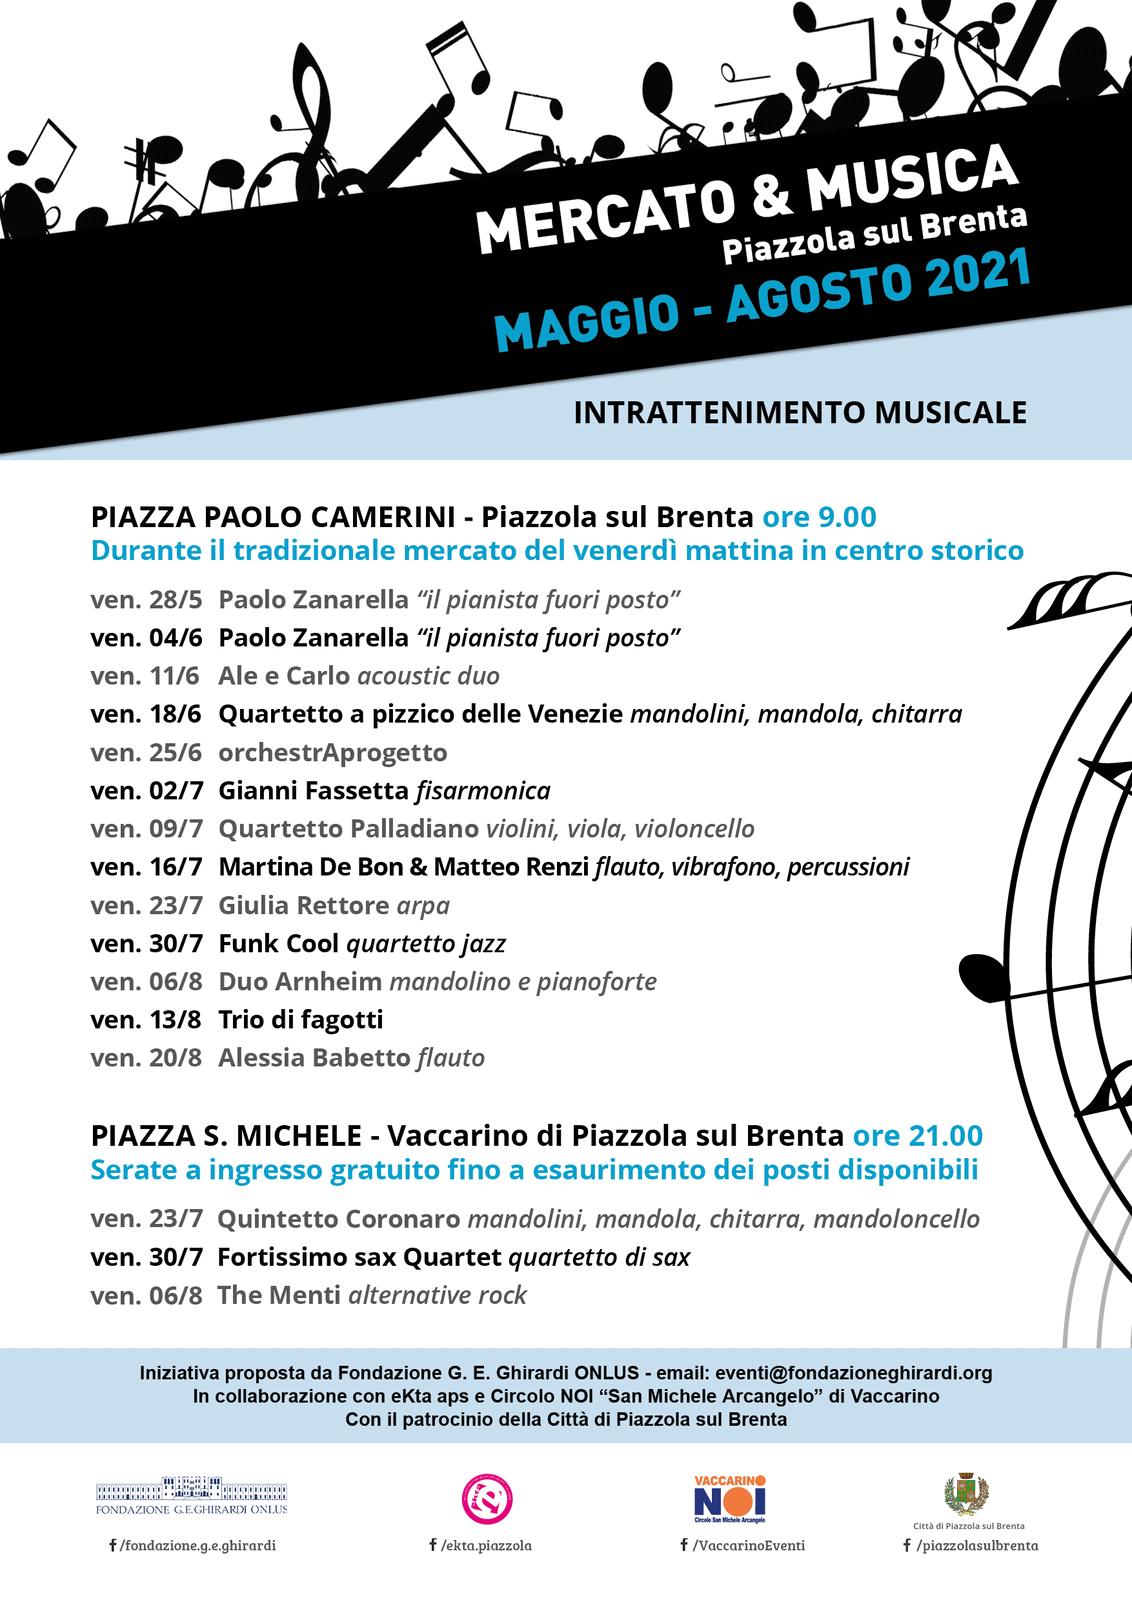 MERCATO & MUSICA programma 2021